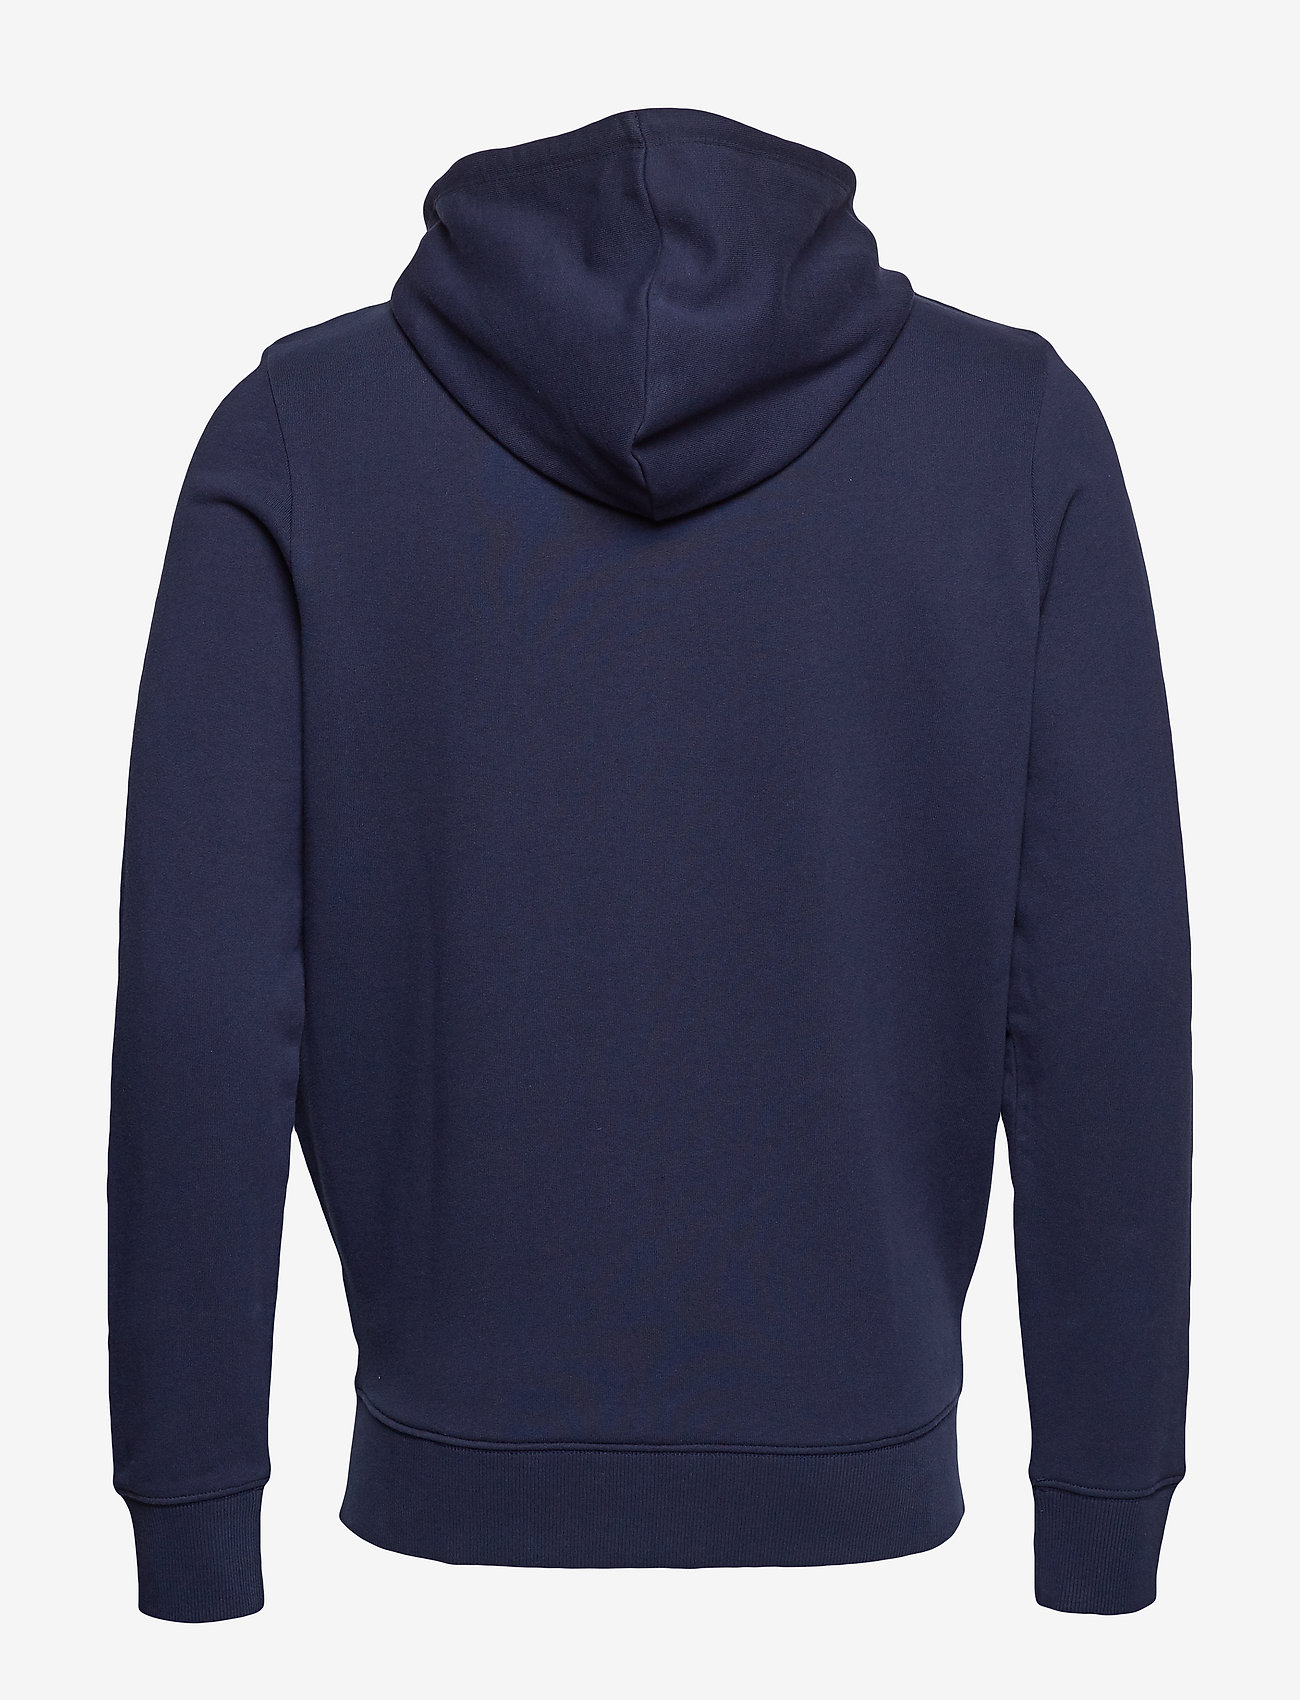 Wrangler - SIGN OFF ZUPTHRU - hoodies - navy - 1